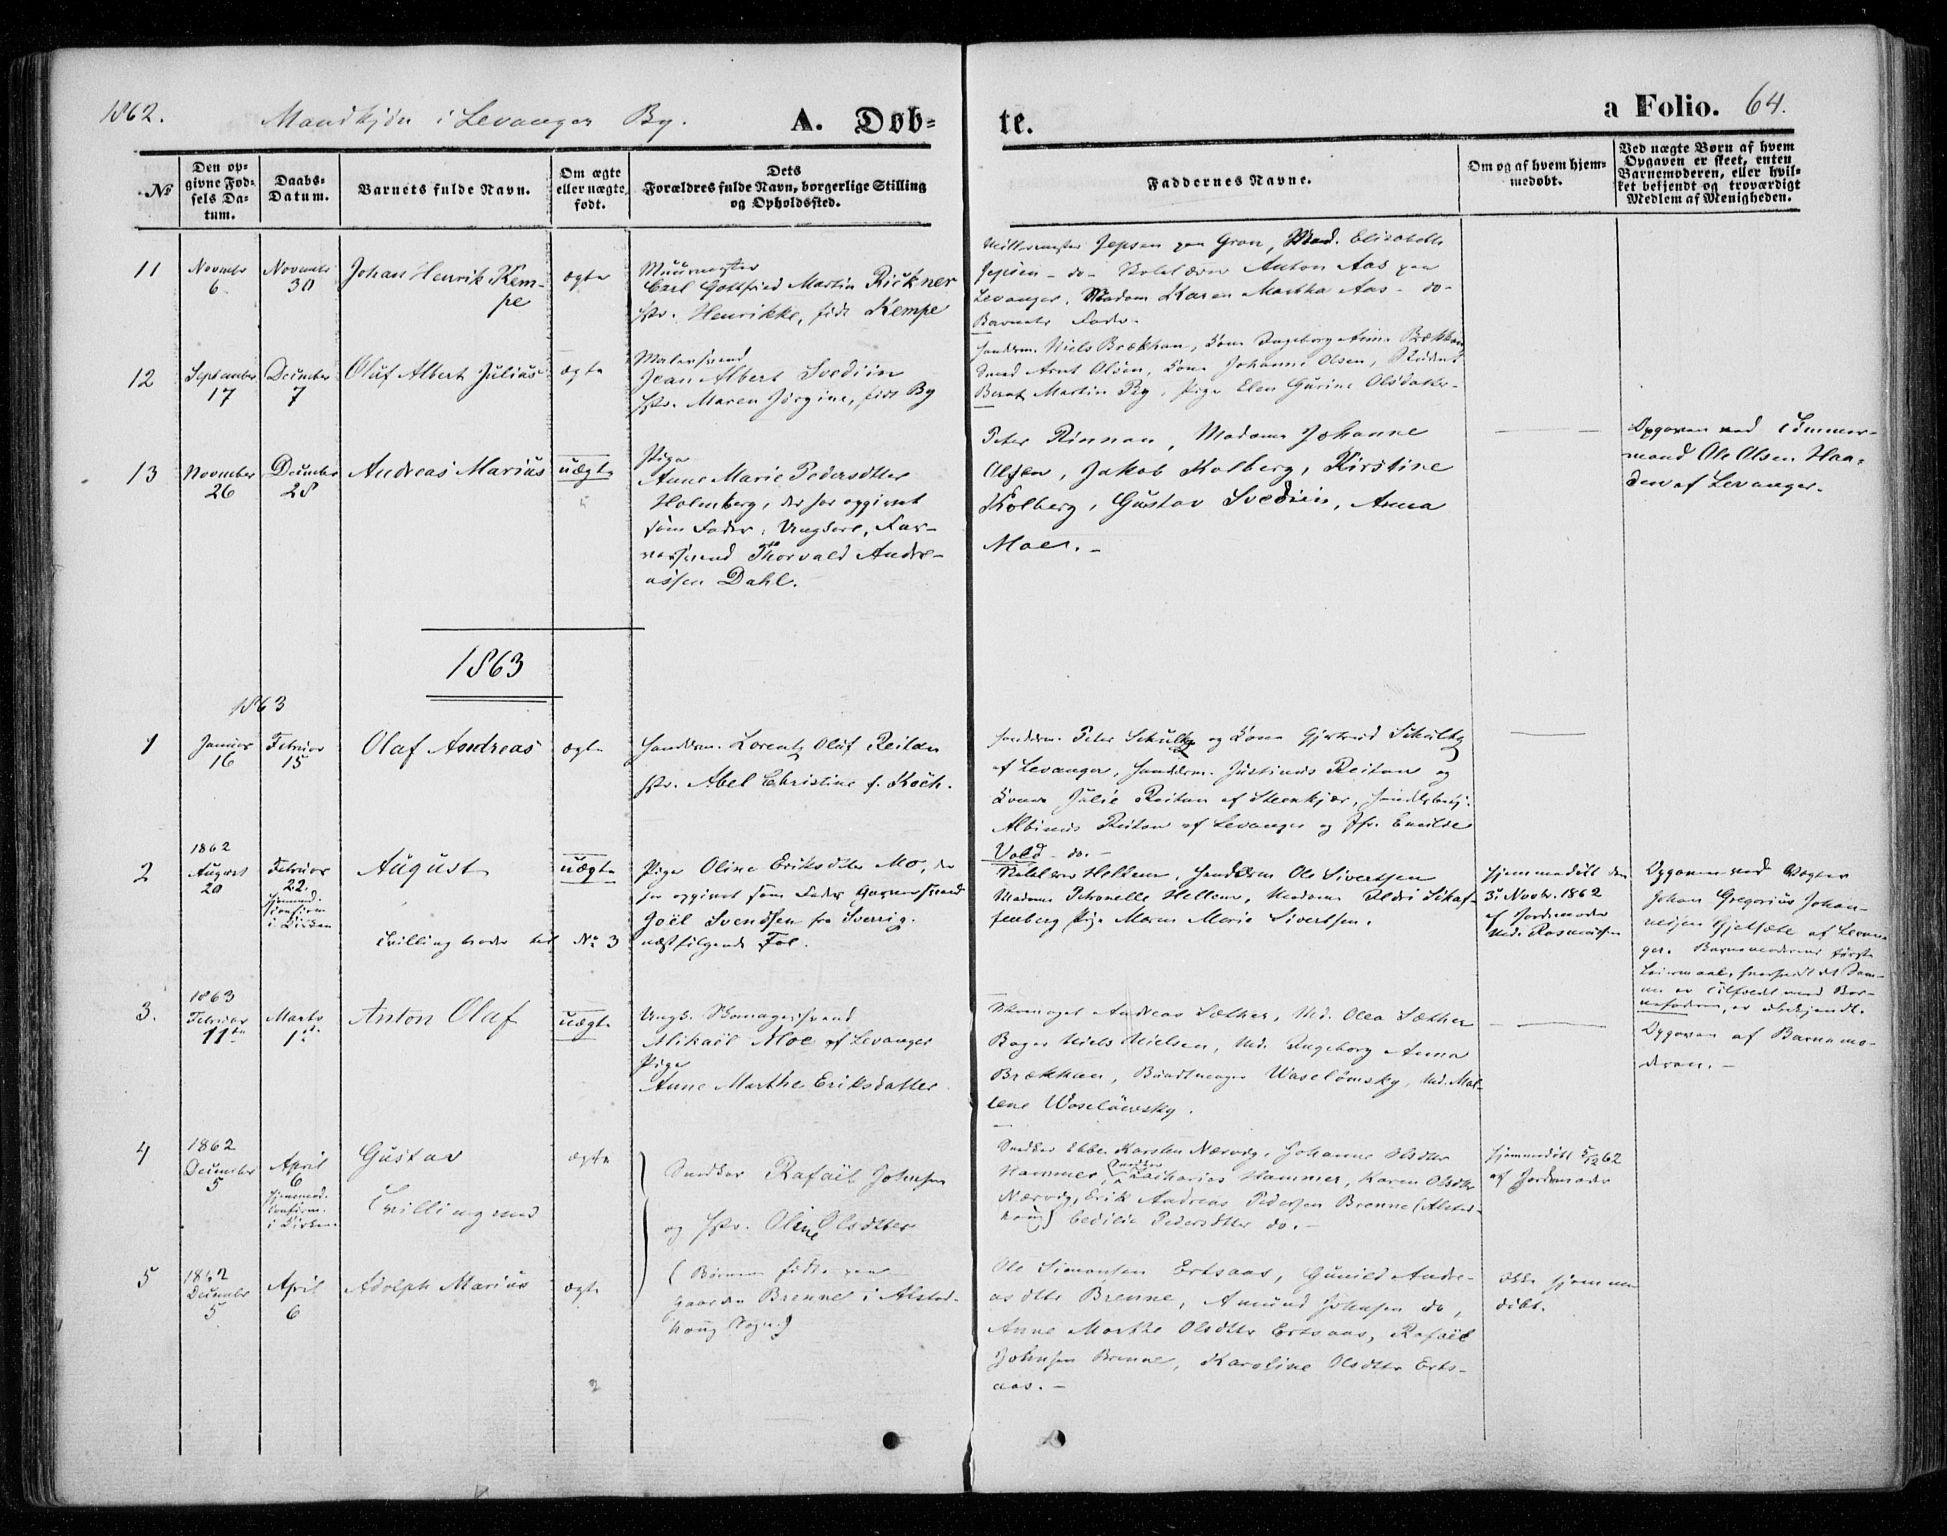 SAT, Ministerialprotokoller, klokkerbøker og fødselsregistre - Nord-Trøndelag, 720/L0184: Ministerialbok nr. 720A02 /1, 1855-1863, s. 64